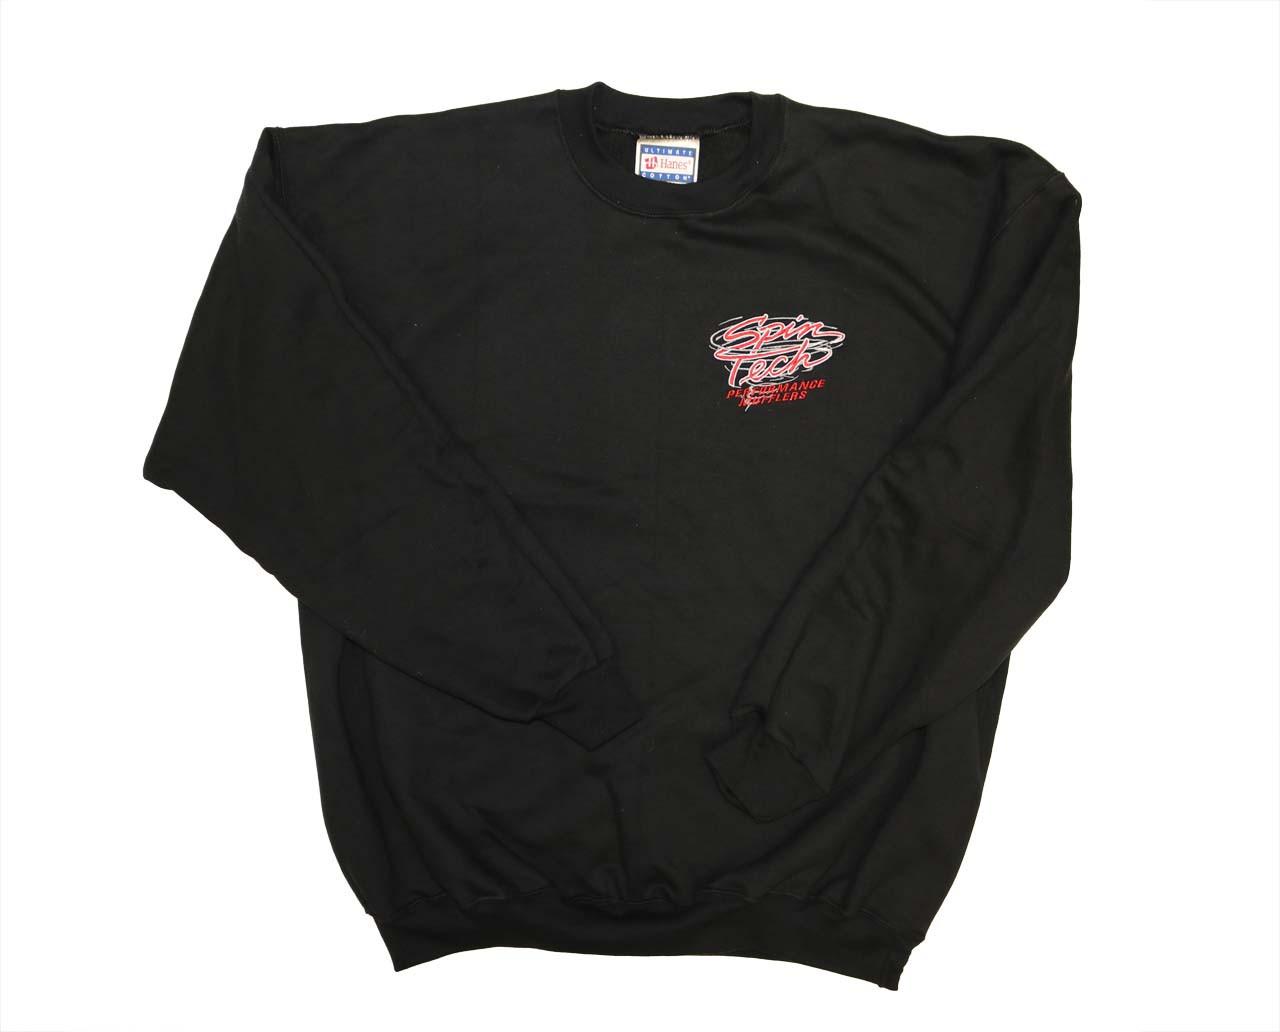 SpinTech Black Sweat Shirt